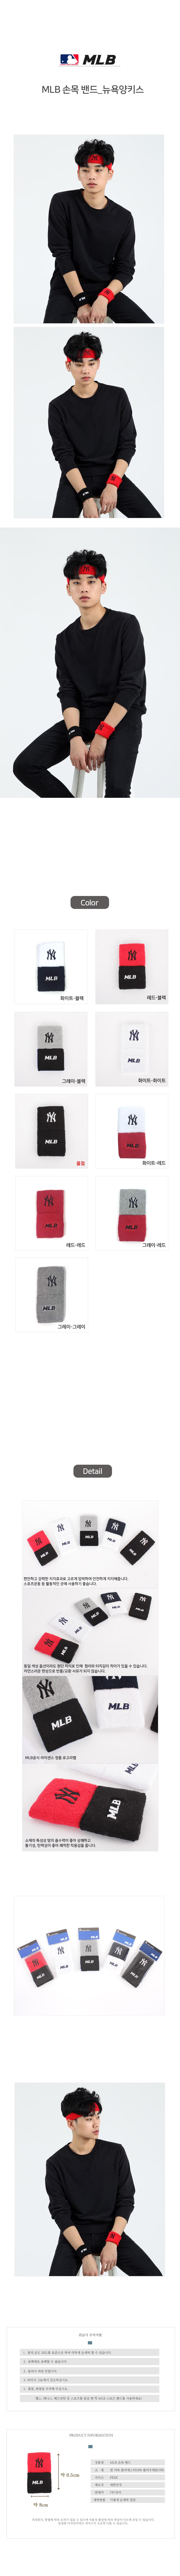 MLB 스포츠 손목밴드 손목아대 뉴욕양키스 - 엠엘비, 7,900원, 스포츠용품, 보호장구